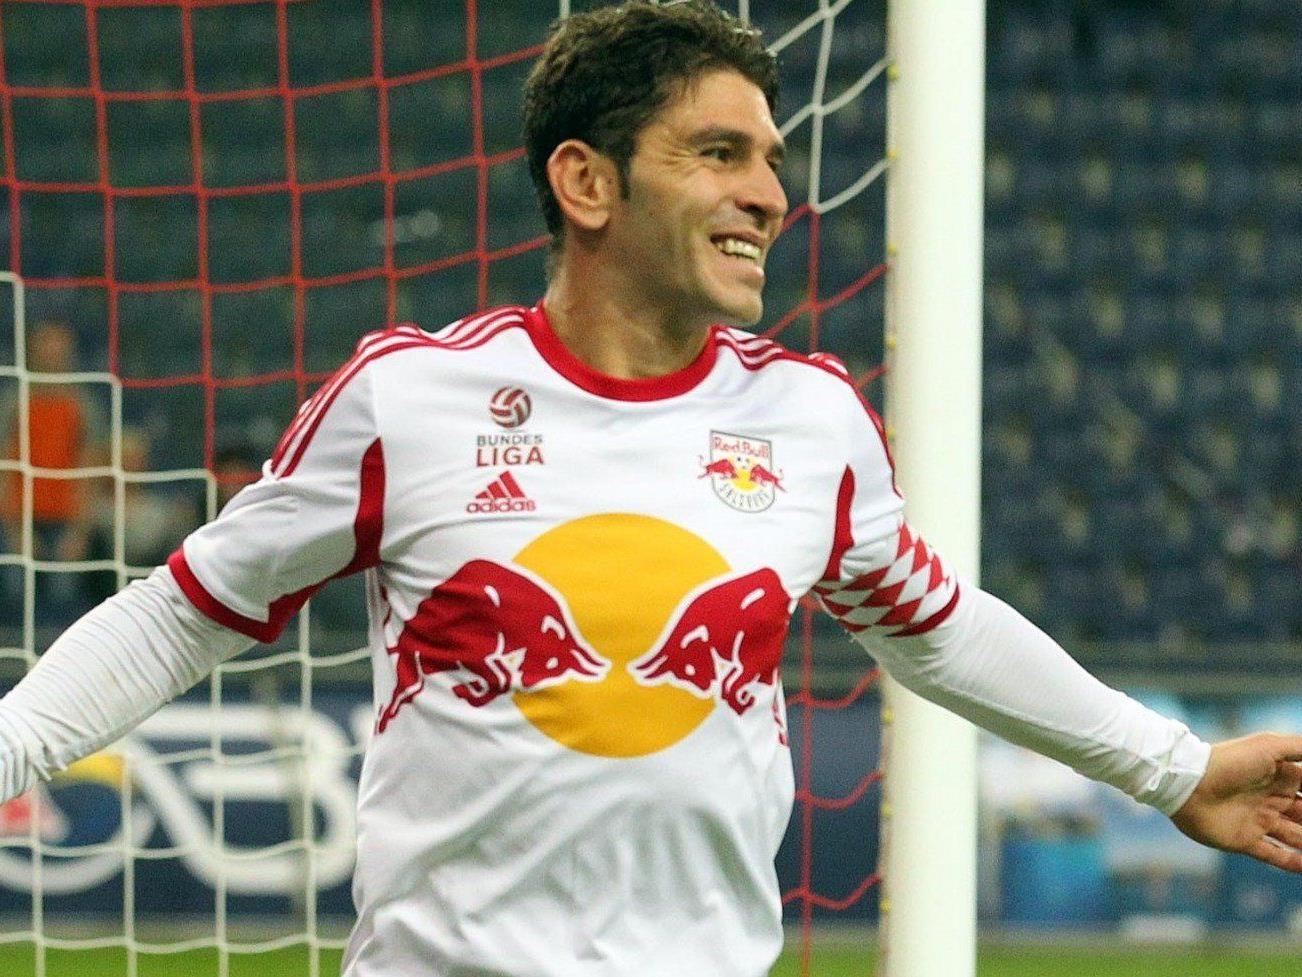 Wir berichten am Sonntag ab 16.30 Uhr live vom Spiel Red Bull Salzburg gegen SC Wiener Neustadt im Ticker.